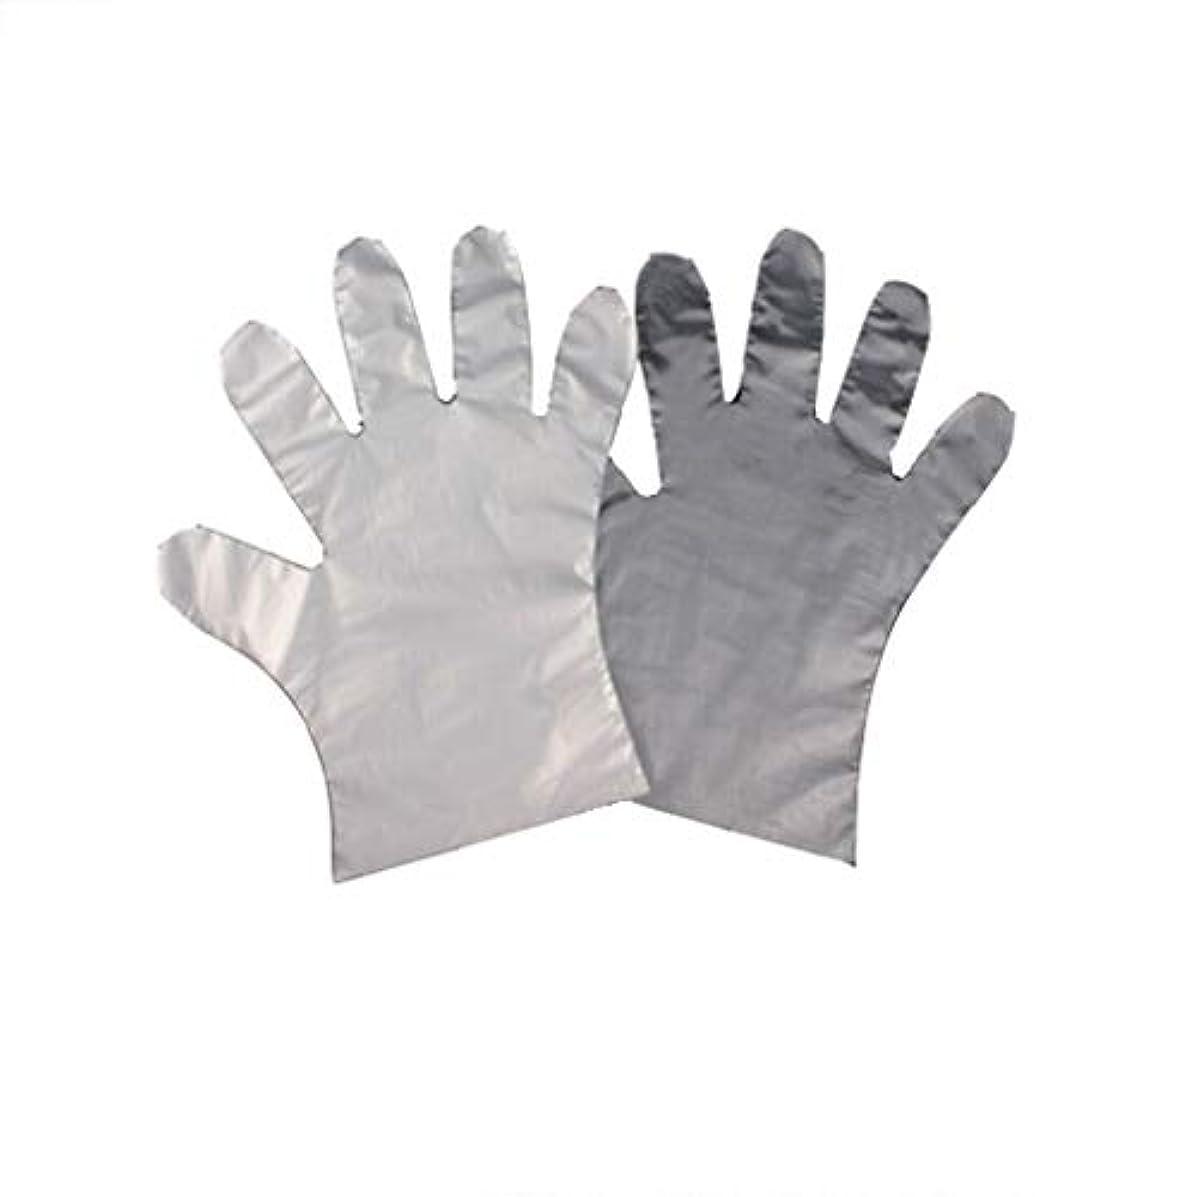 容疑者チャールズキージング前文手袋、使い捨てPE手袋、食品の肥厚、透明な2つのオープンポケット-600のみ。